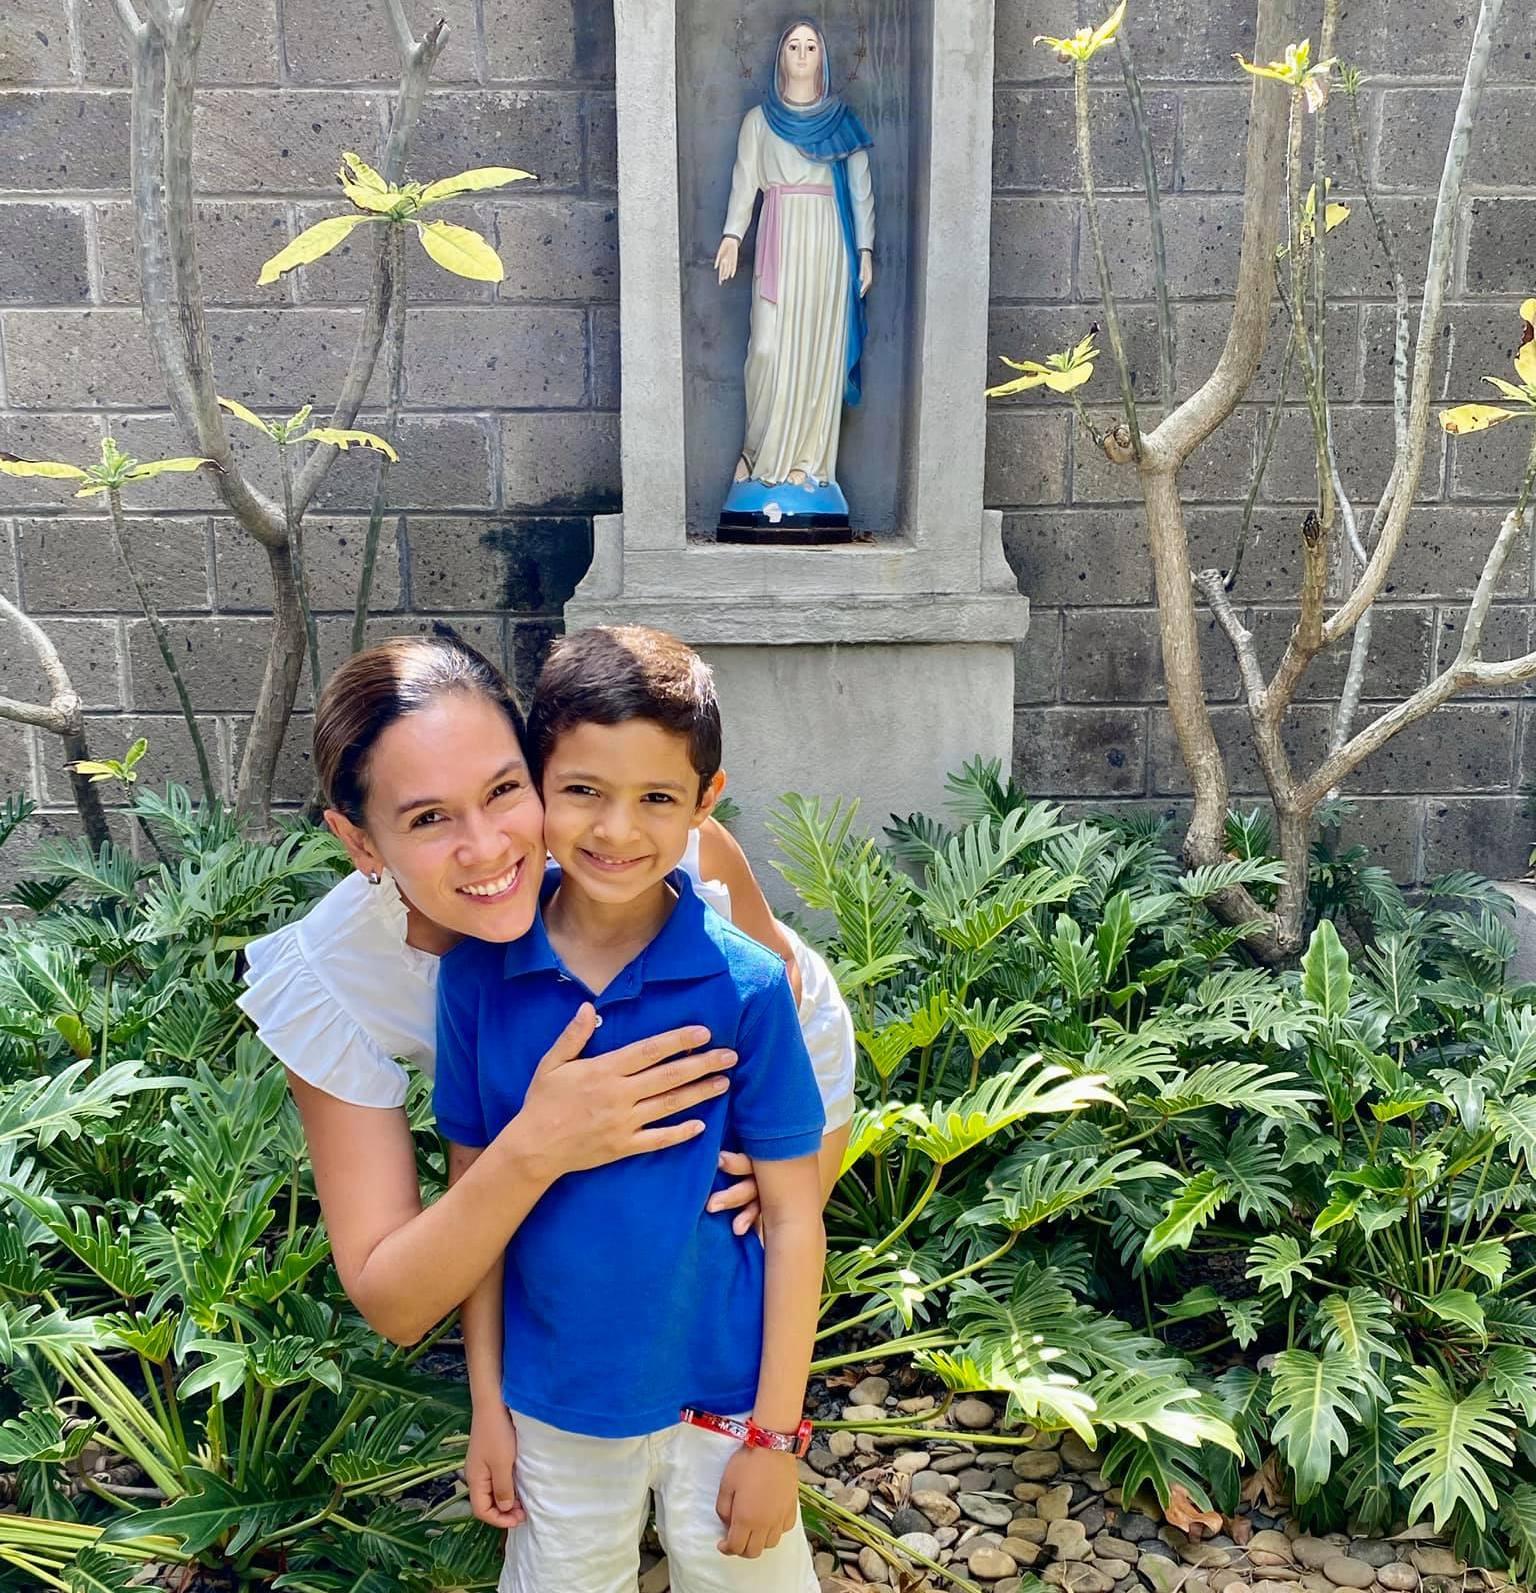 Nadia Vado con su tercer hijo, que nació sano el día de la Virgen de Cuapa